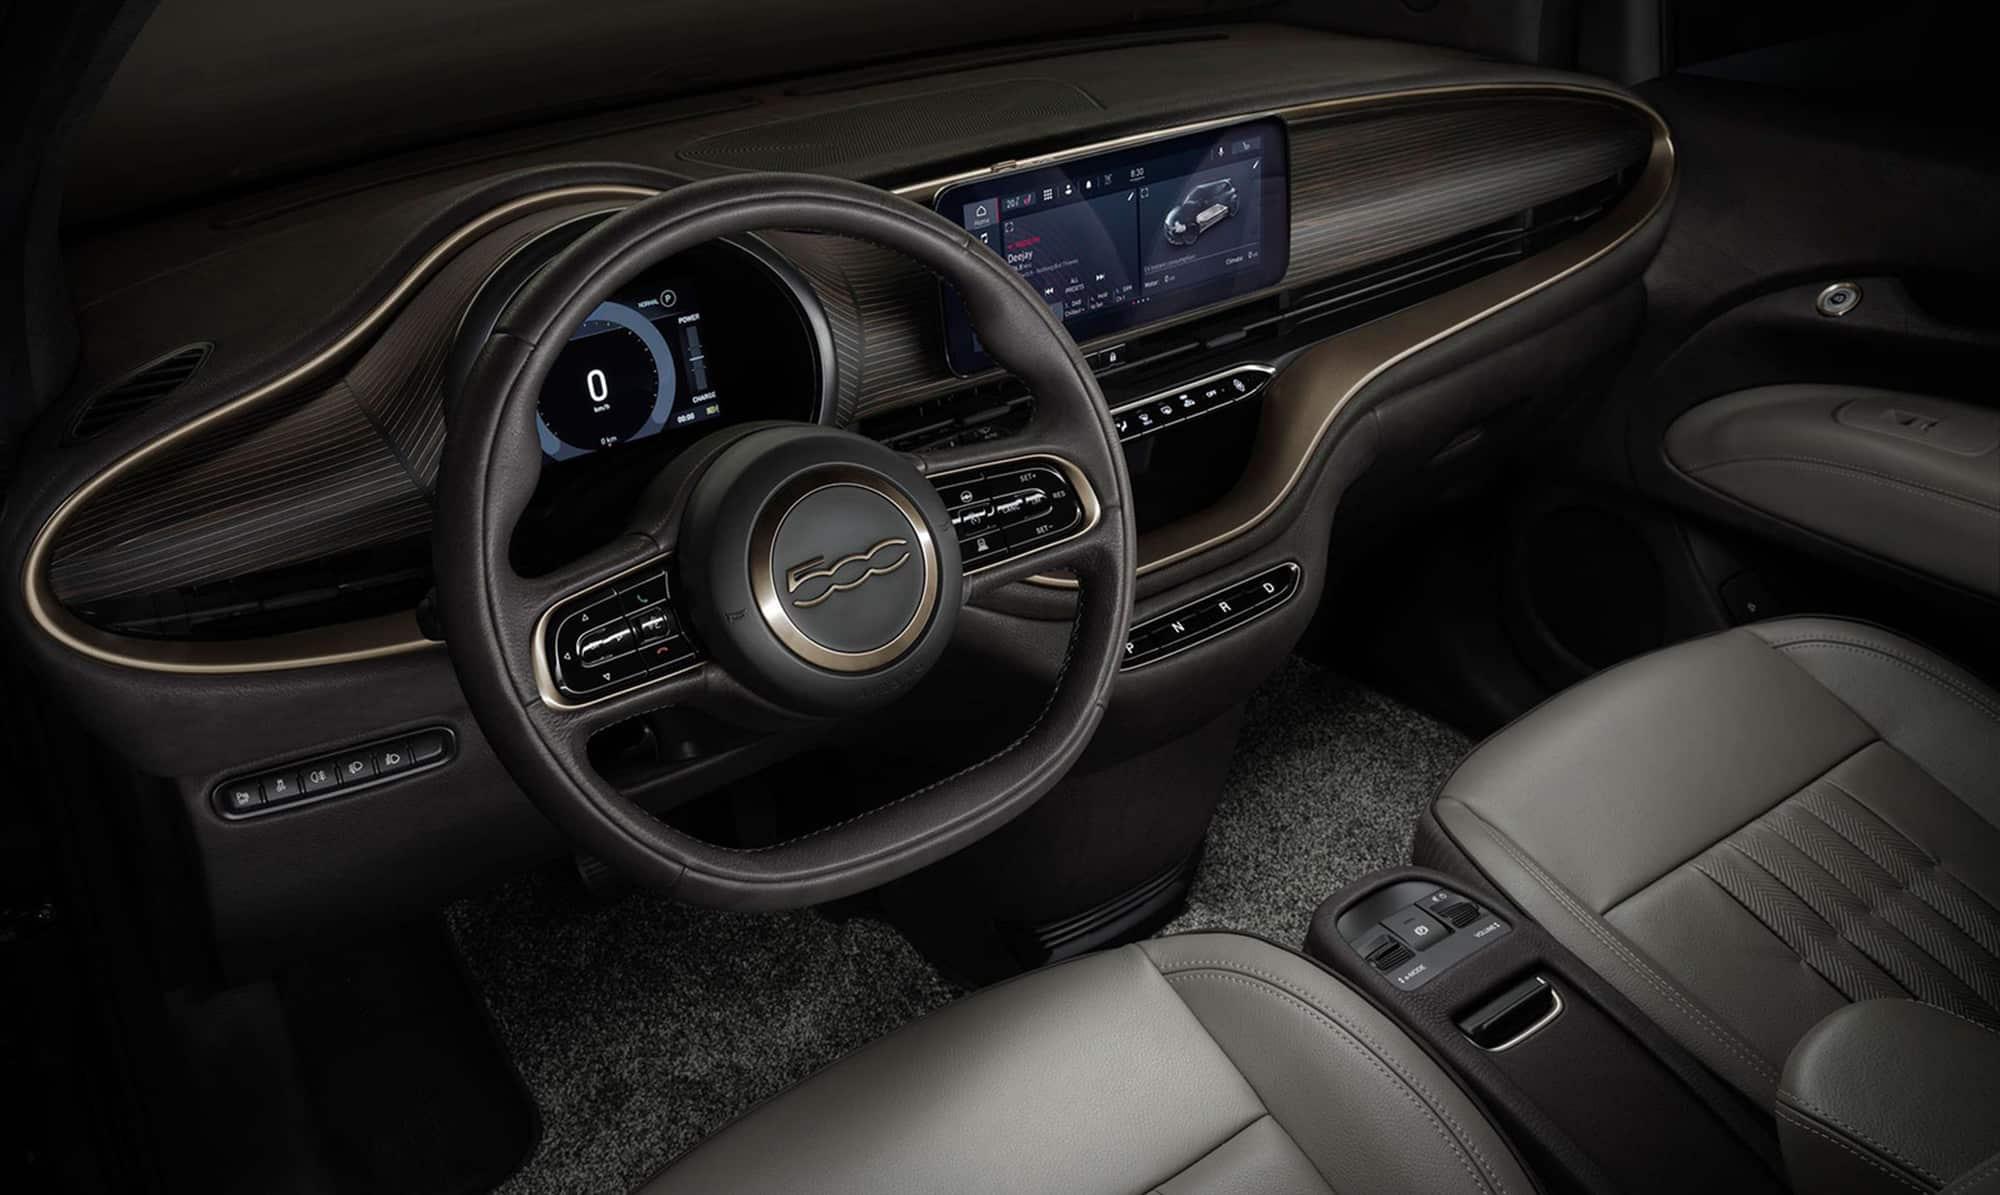 Giorgio Armani's Fiat 500 makeover uses leather for interior